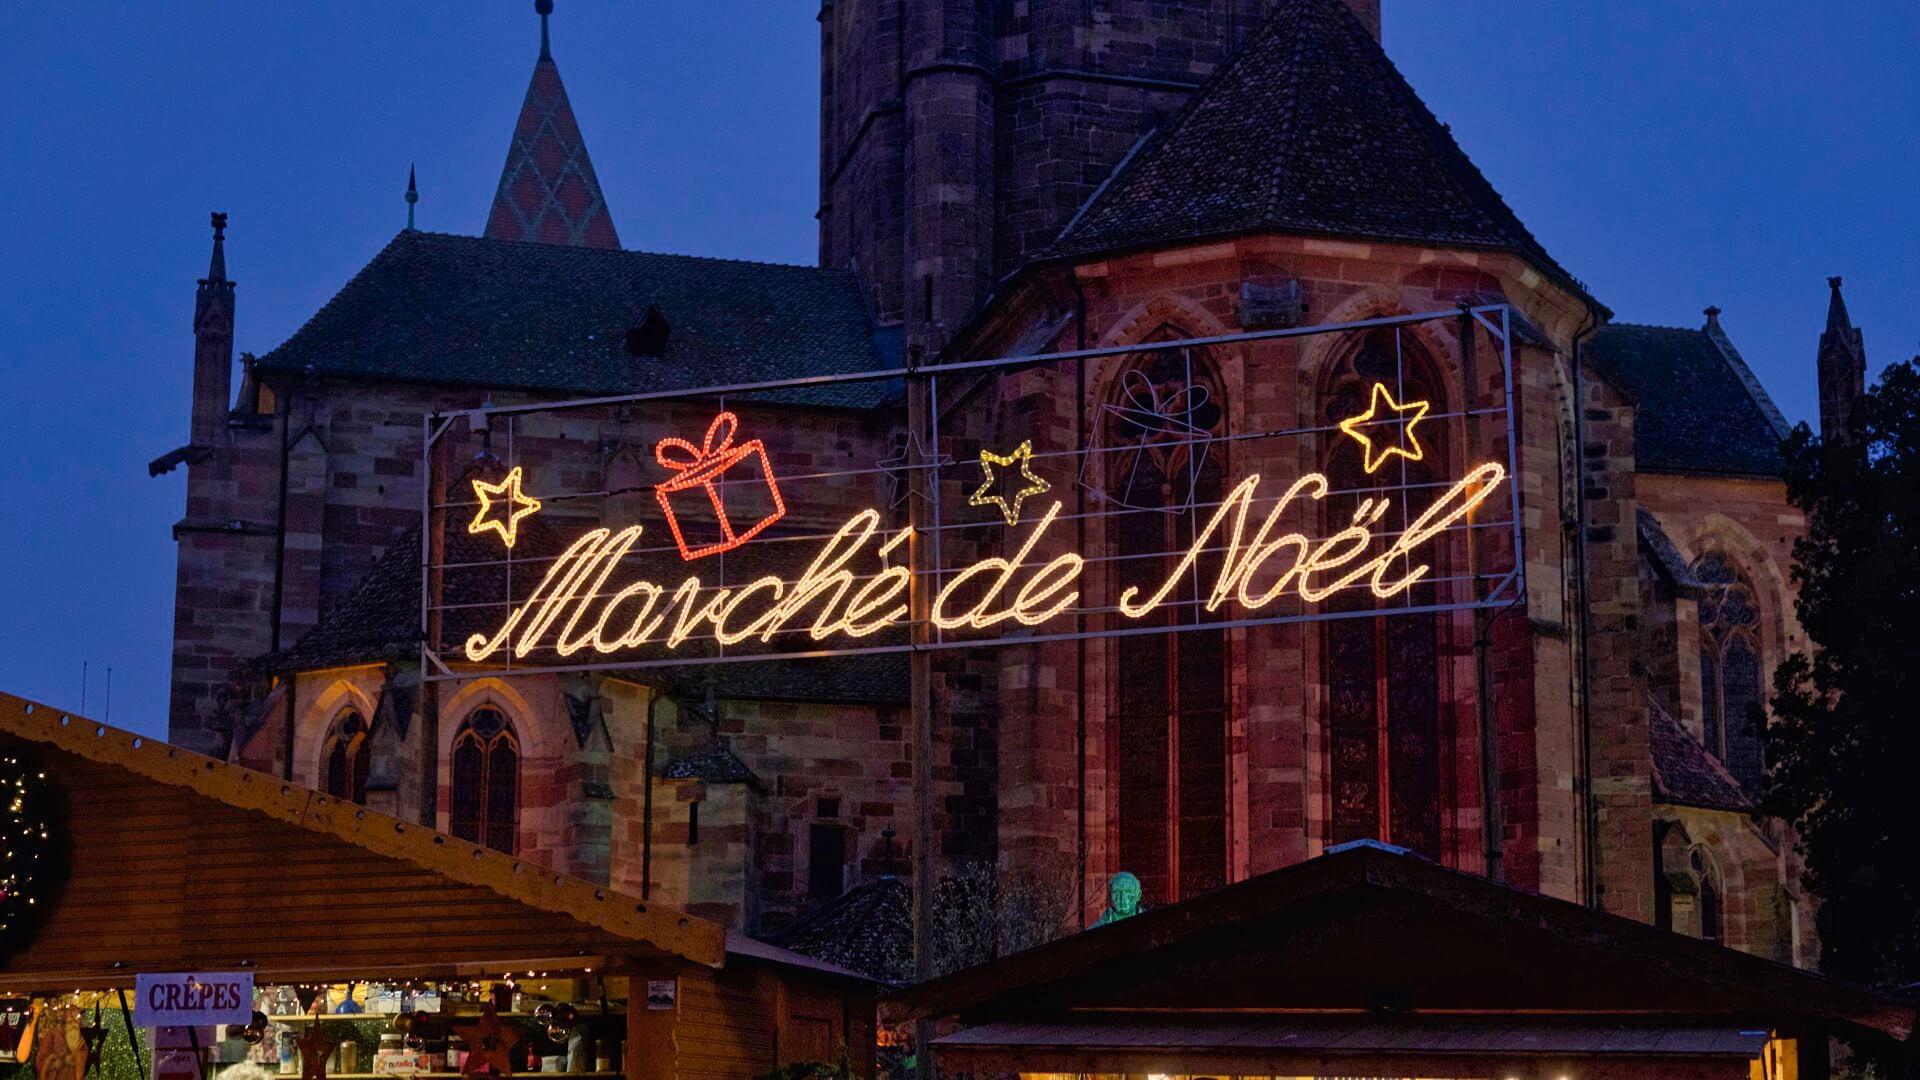 öffnungszeiten Essen Weihnachtsmarkt.Weihnachtsmarkt Wissembourg Im Elsass öffnungszeiten